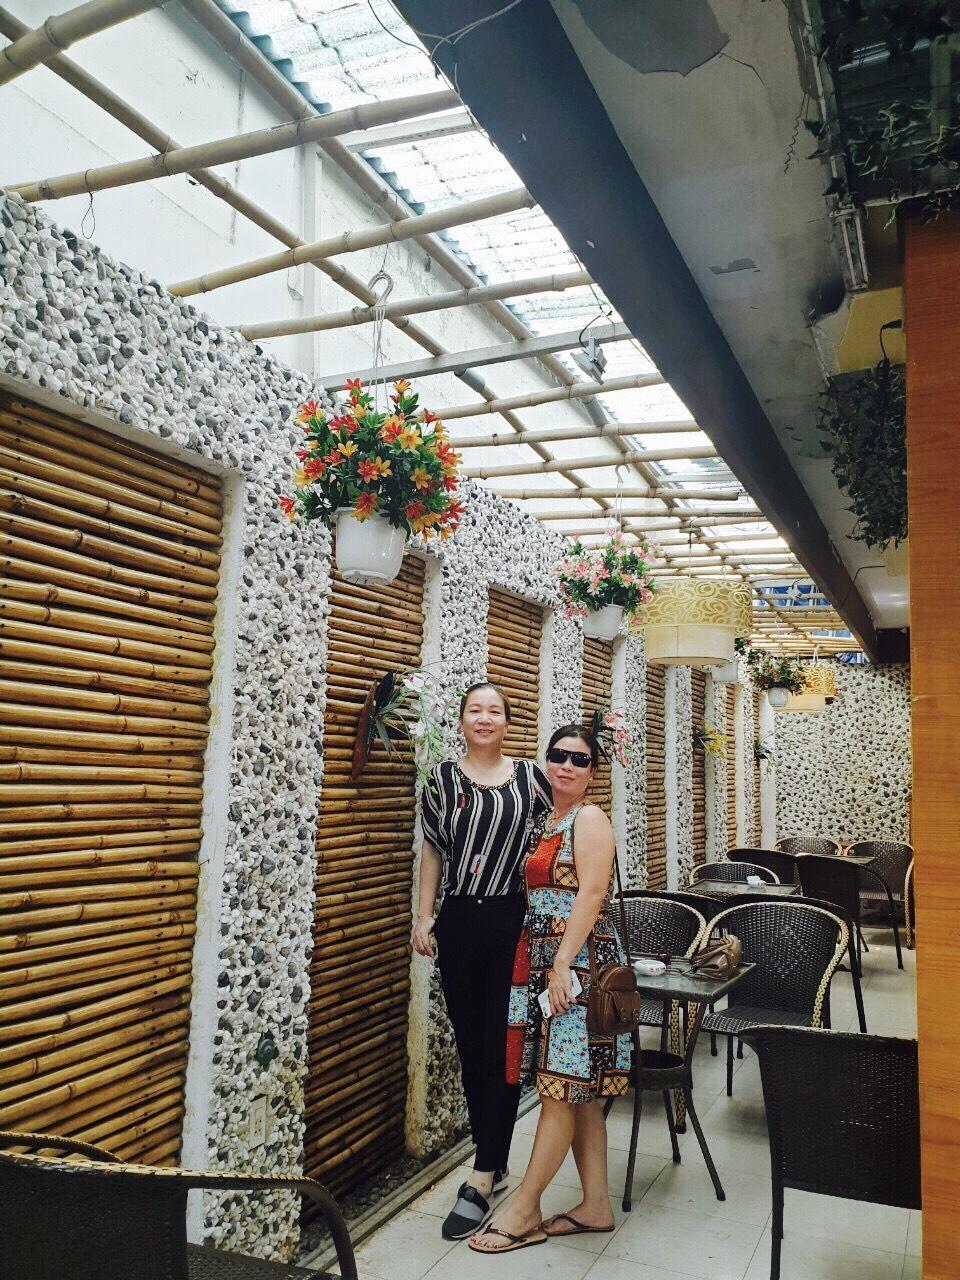 Thi công ốp tường tre trúc trang trí cho quán cà phê